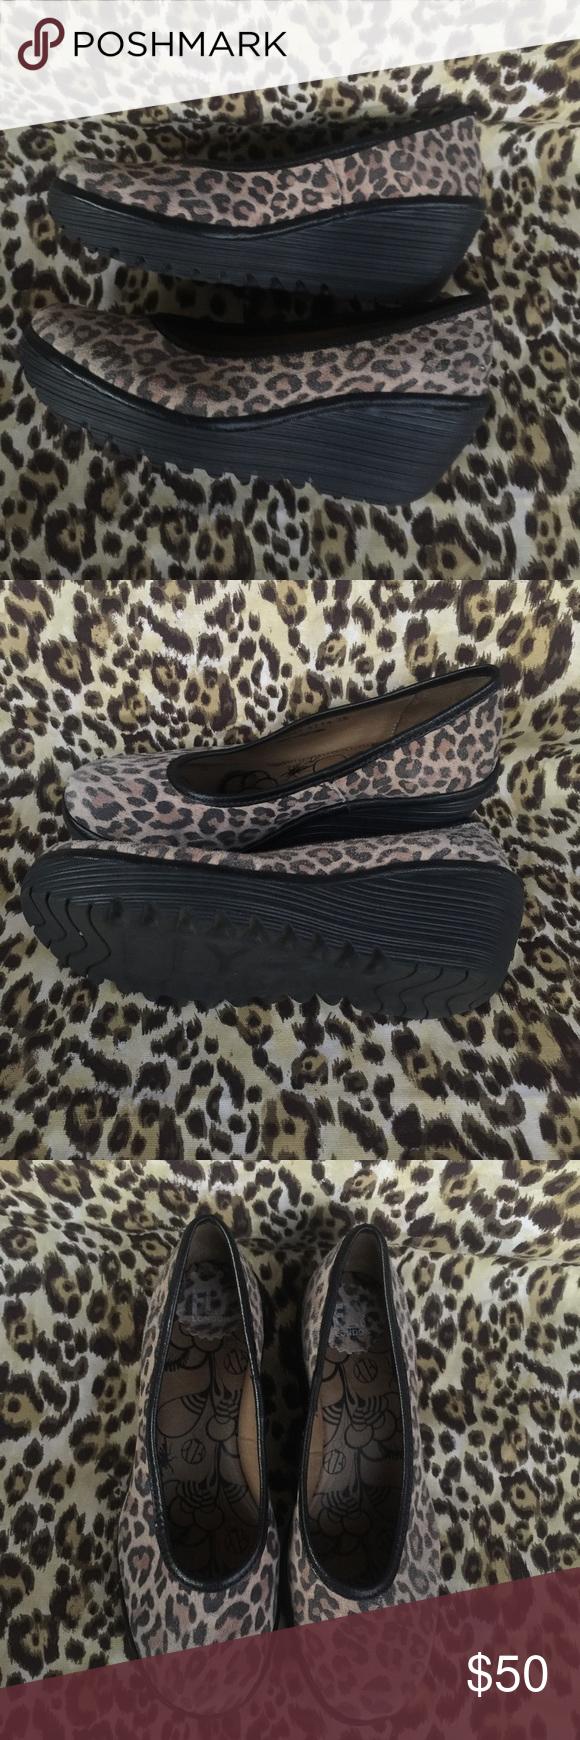 8 Best Rieker shoes images | Shoes, Me too shoes, Women